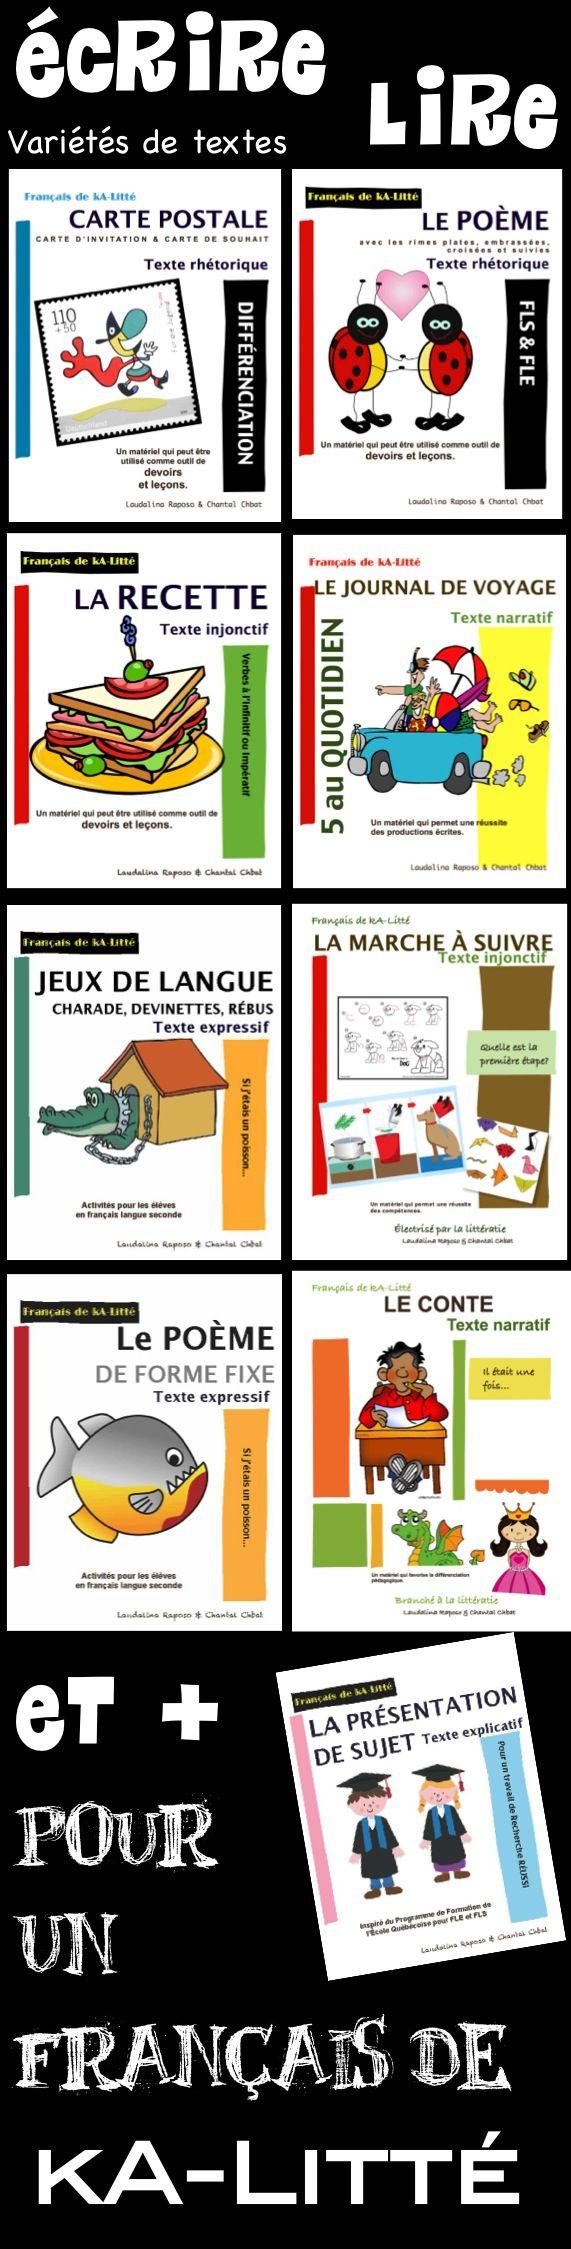 Des textes variés: LIRE pour ensuite ÉCRIRE... poème, conte, carte postale, journal de voyage, recette, marche à suivre, etc